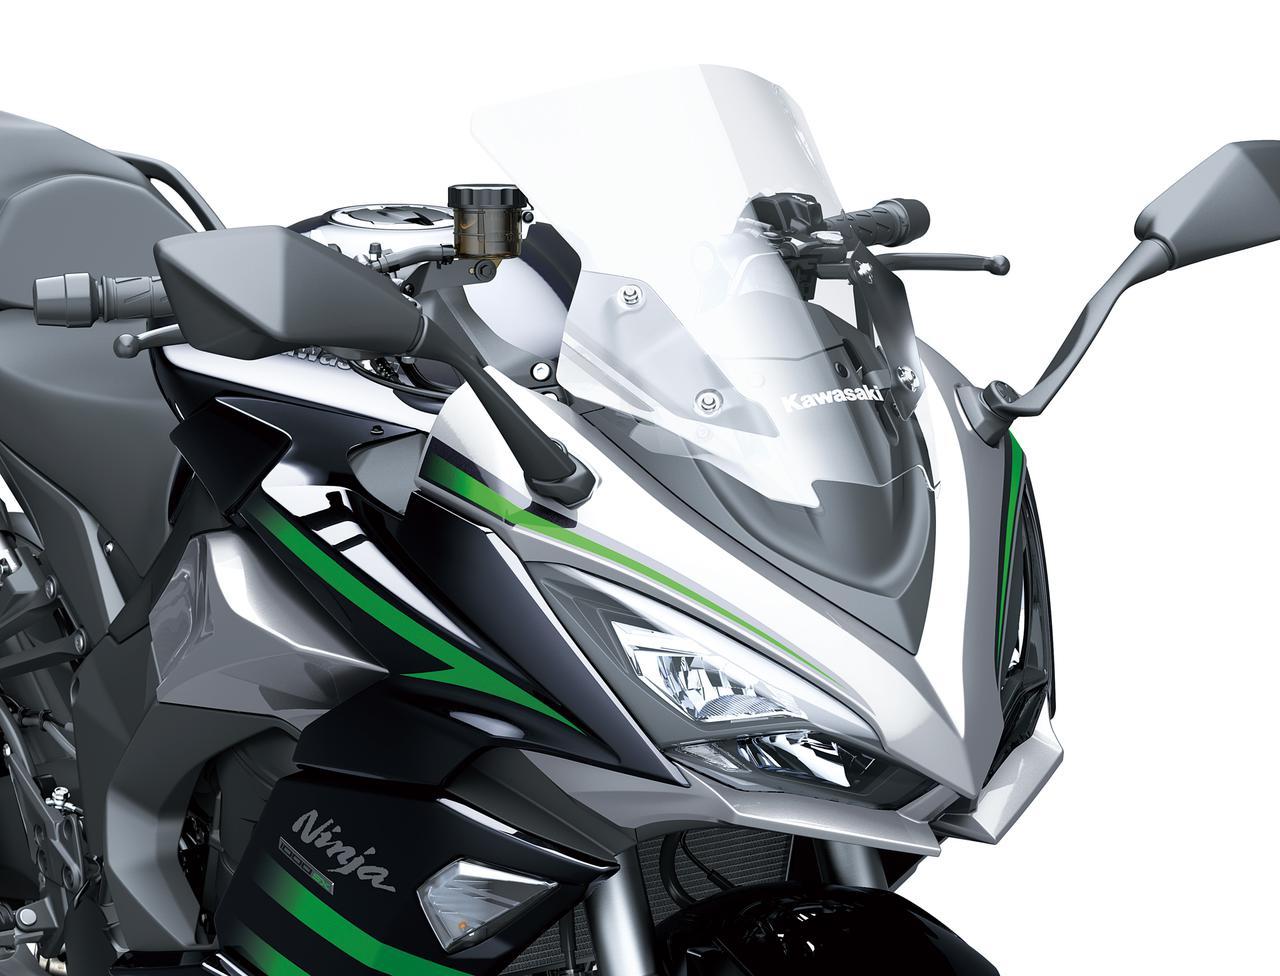 Images : 13番目の画像 - Ninja 1000SX(2020)の写真をまとめて見る - webオートバイ